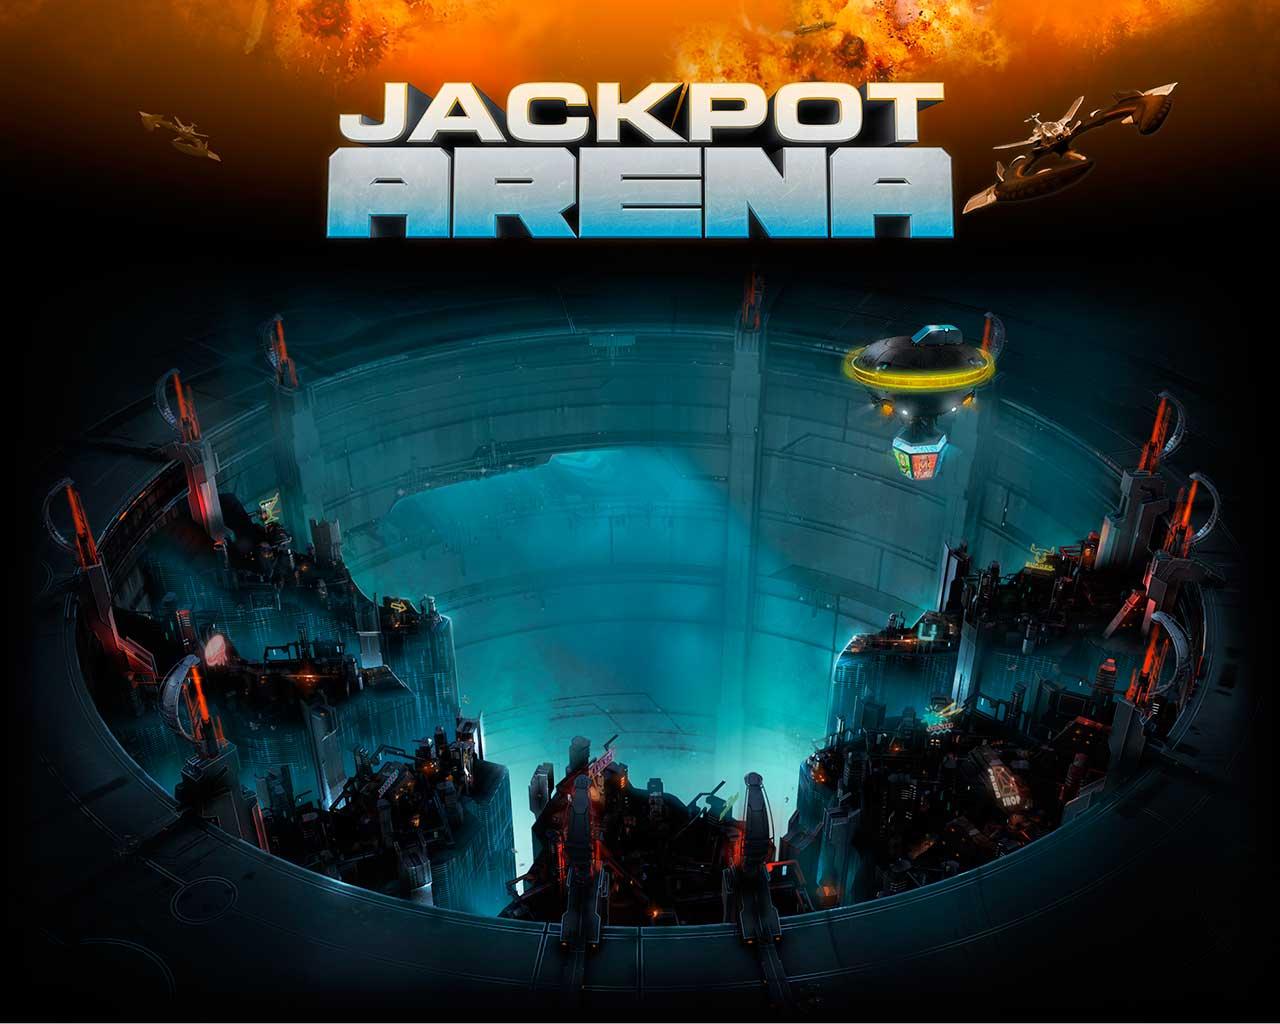 darkorbit_jackpot_arena_gameli-2f